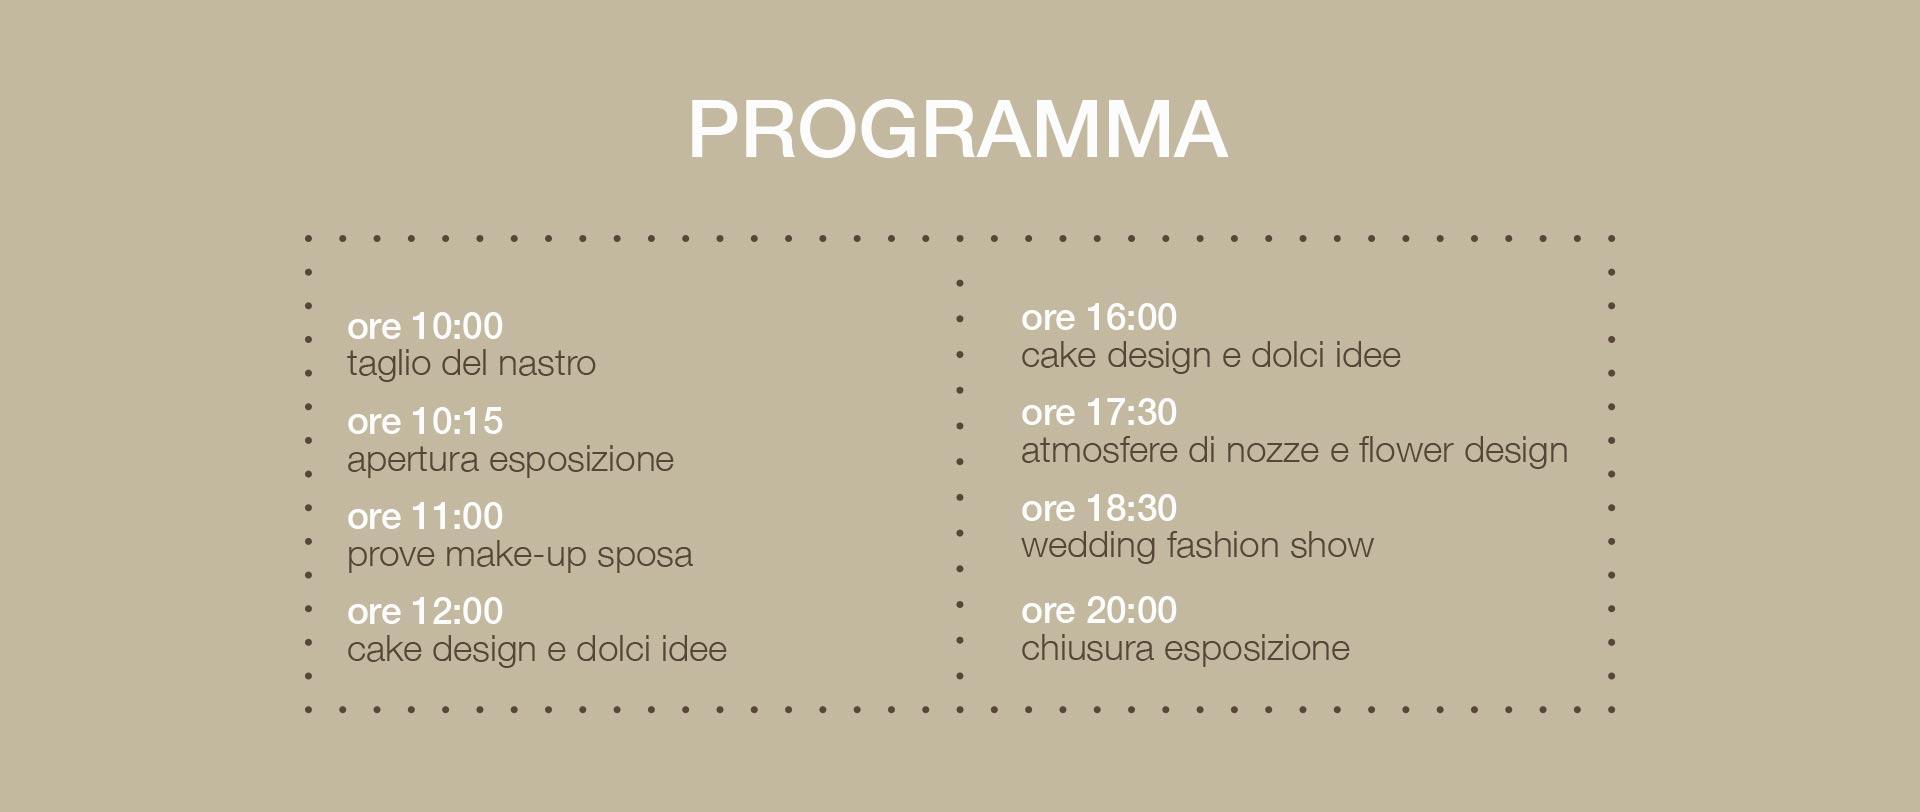 programma_slide-sito